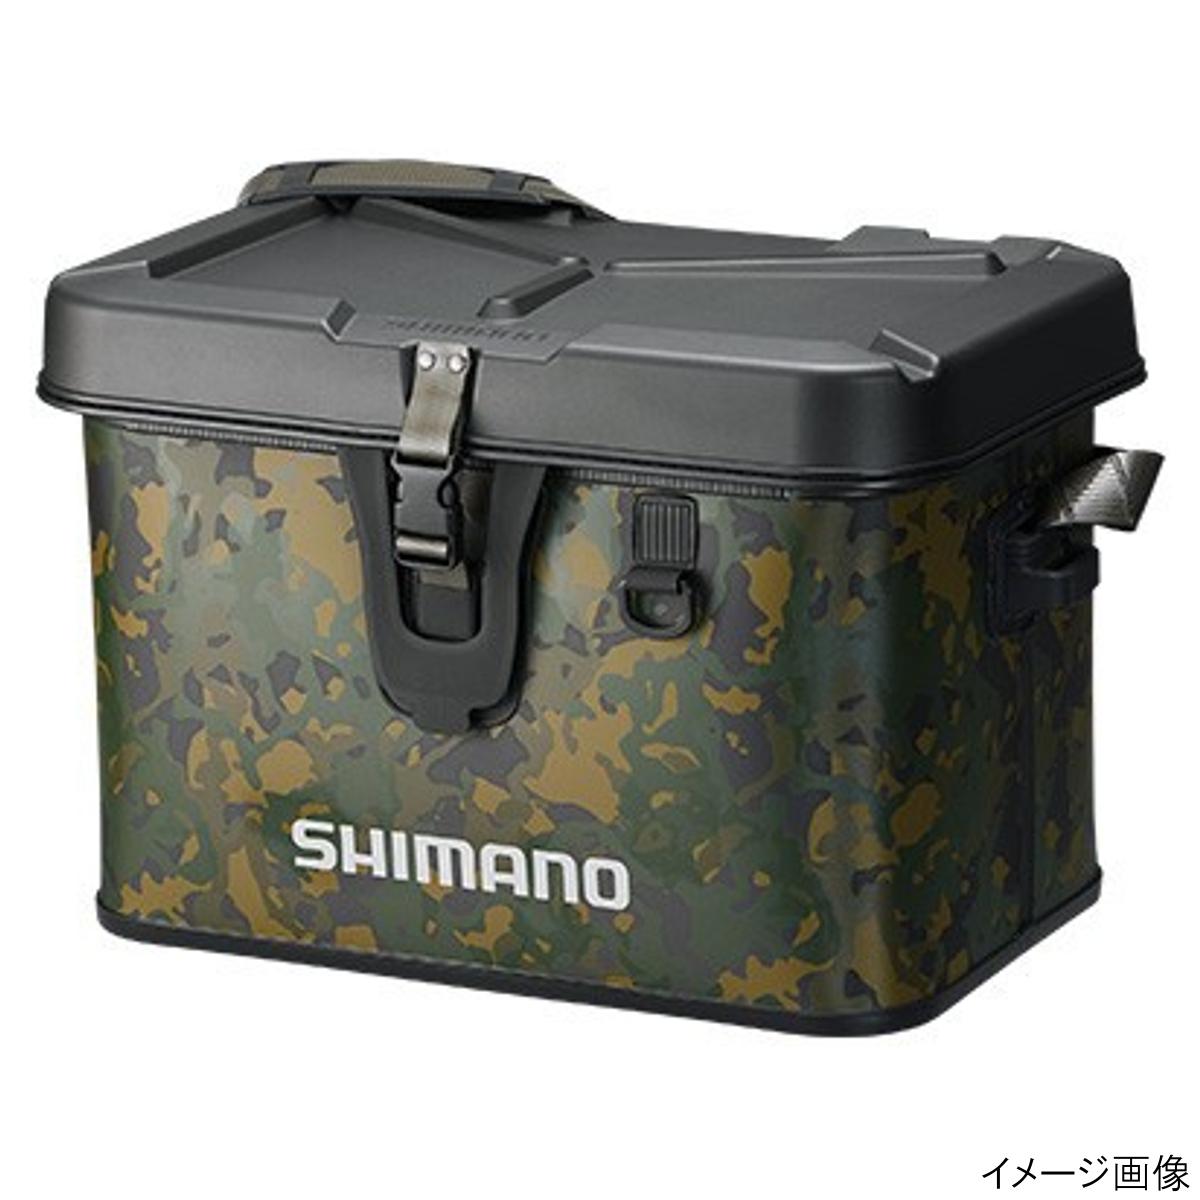 【4/1 24時間限定!エントリーで最大P31倍】シマノ タックルボートバッグ(ハードタイプ) BK-001Q 32L ベージュウィードカモ(東日本店)